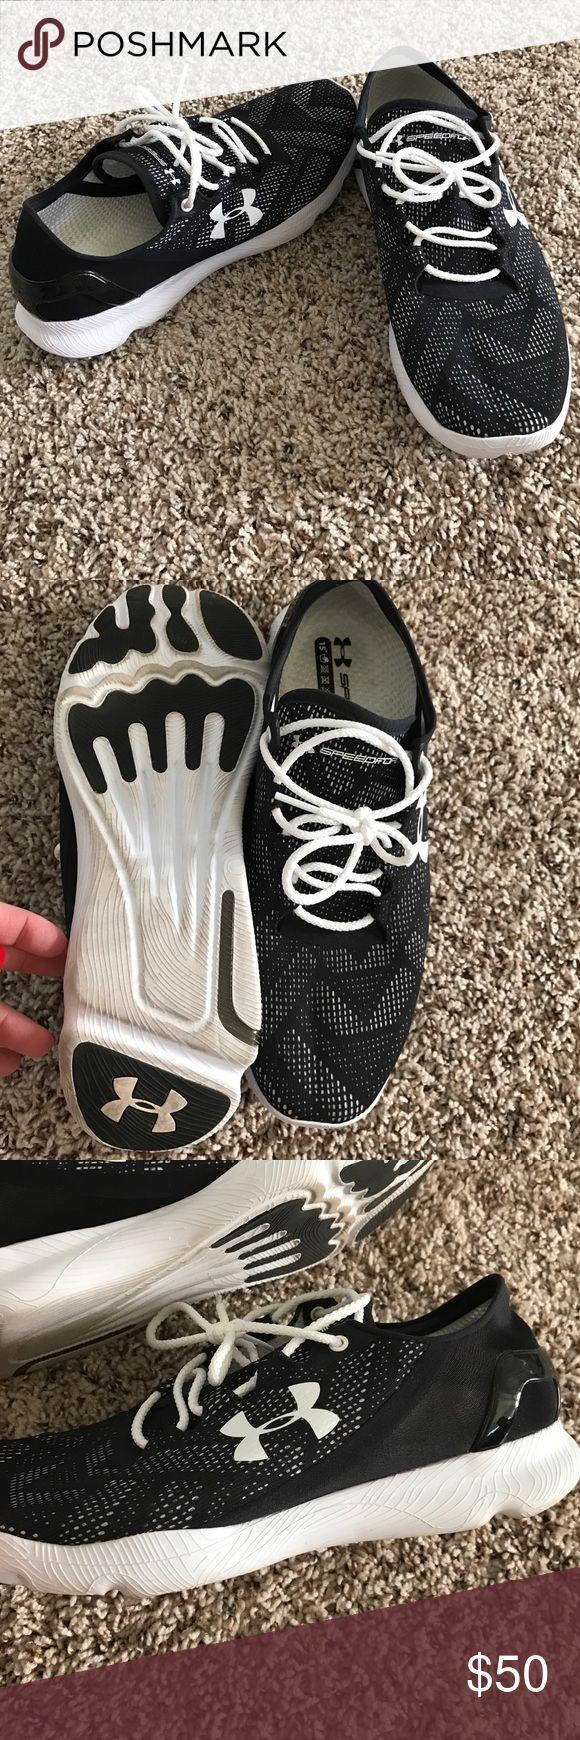 Under armour tennis shoes. Men's under armour tennis shoes! Under Armour Shoes Sneakers